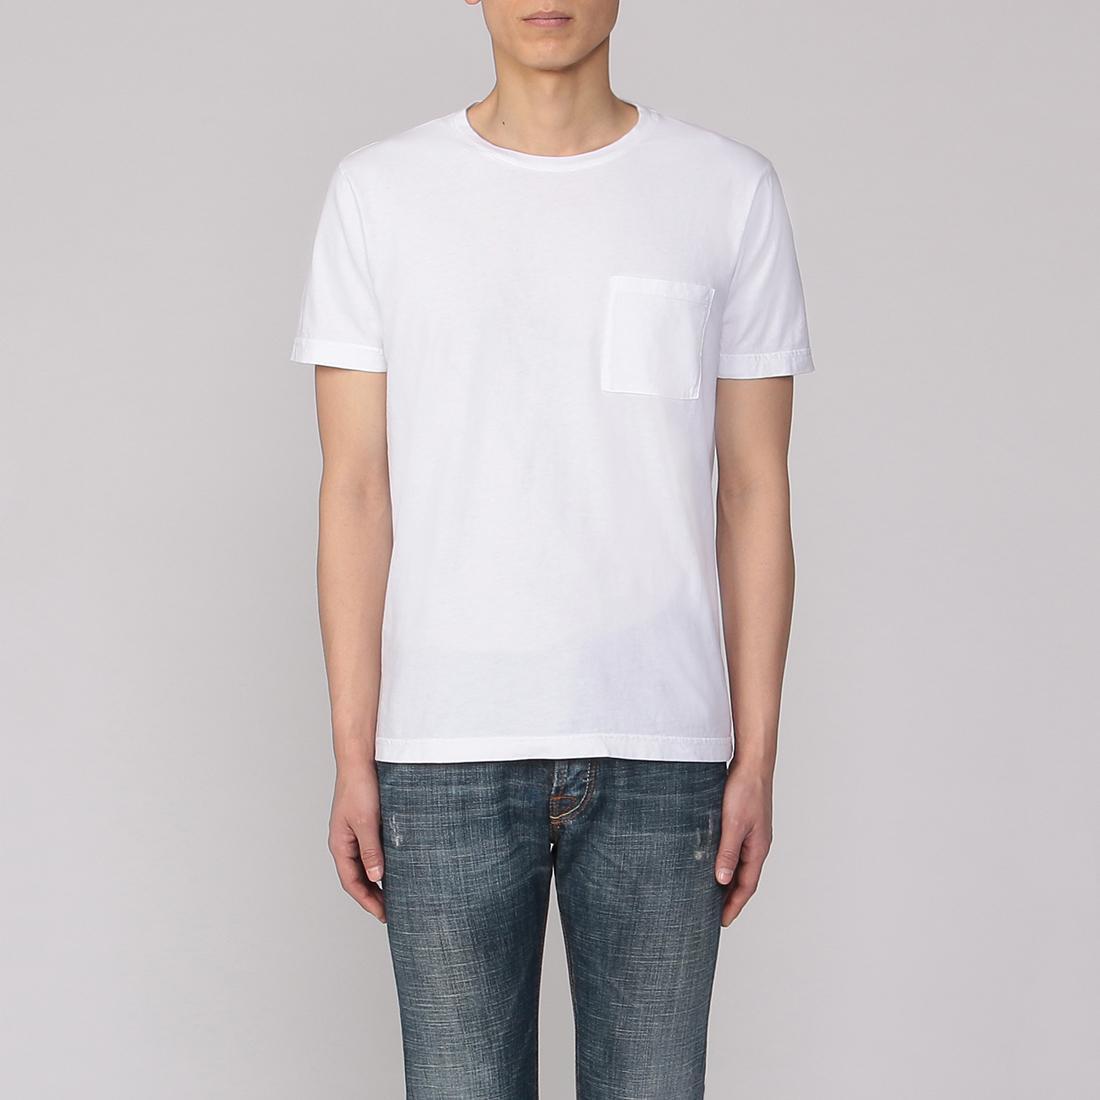 201606_plain-tshirt_013